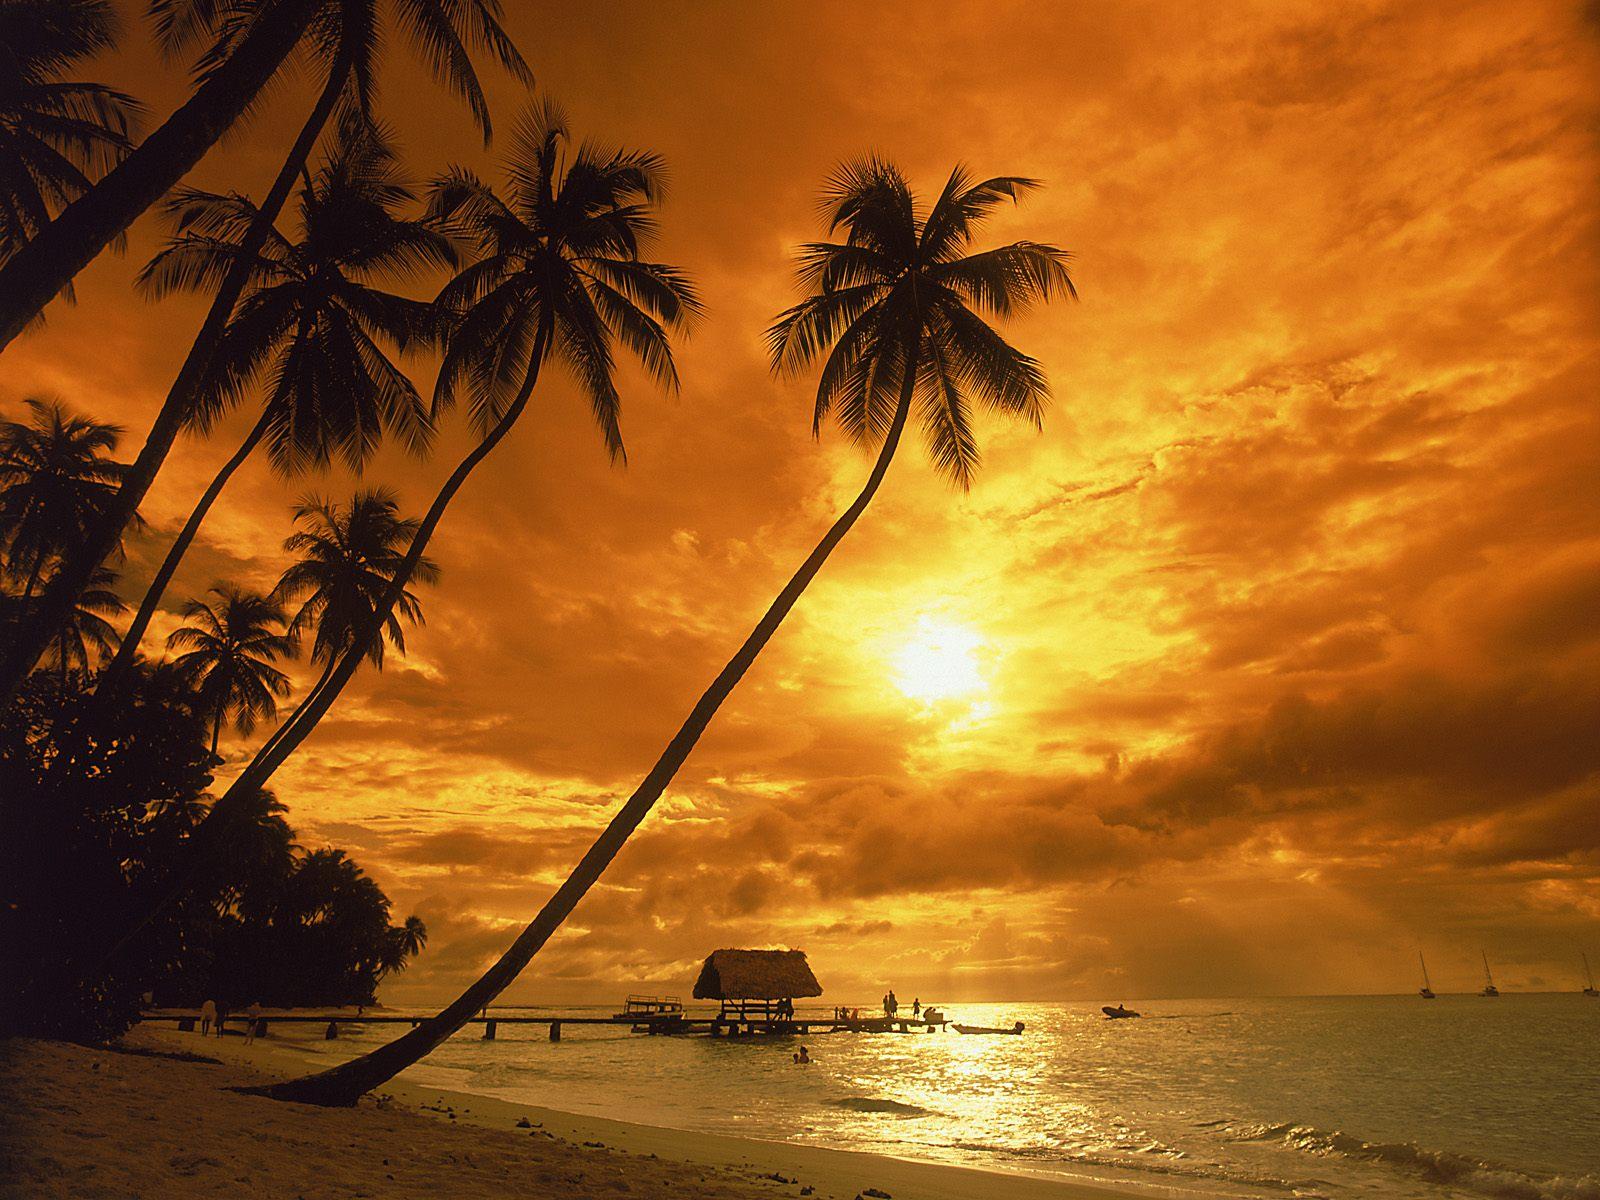 http://3.bp.blogspot.com/-Qx27Mhixty0/TwbE0IbZ6oI/AAAAAAAAAS4/6UtwIHY6MJg/s1600/Sunset+Wallpapers+HD+1.jpg